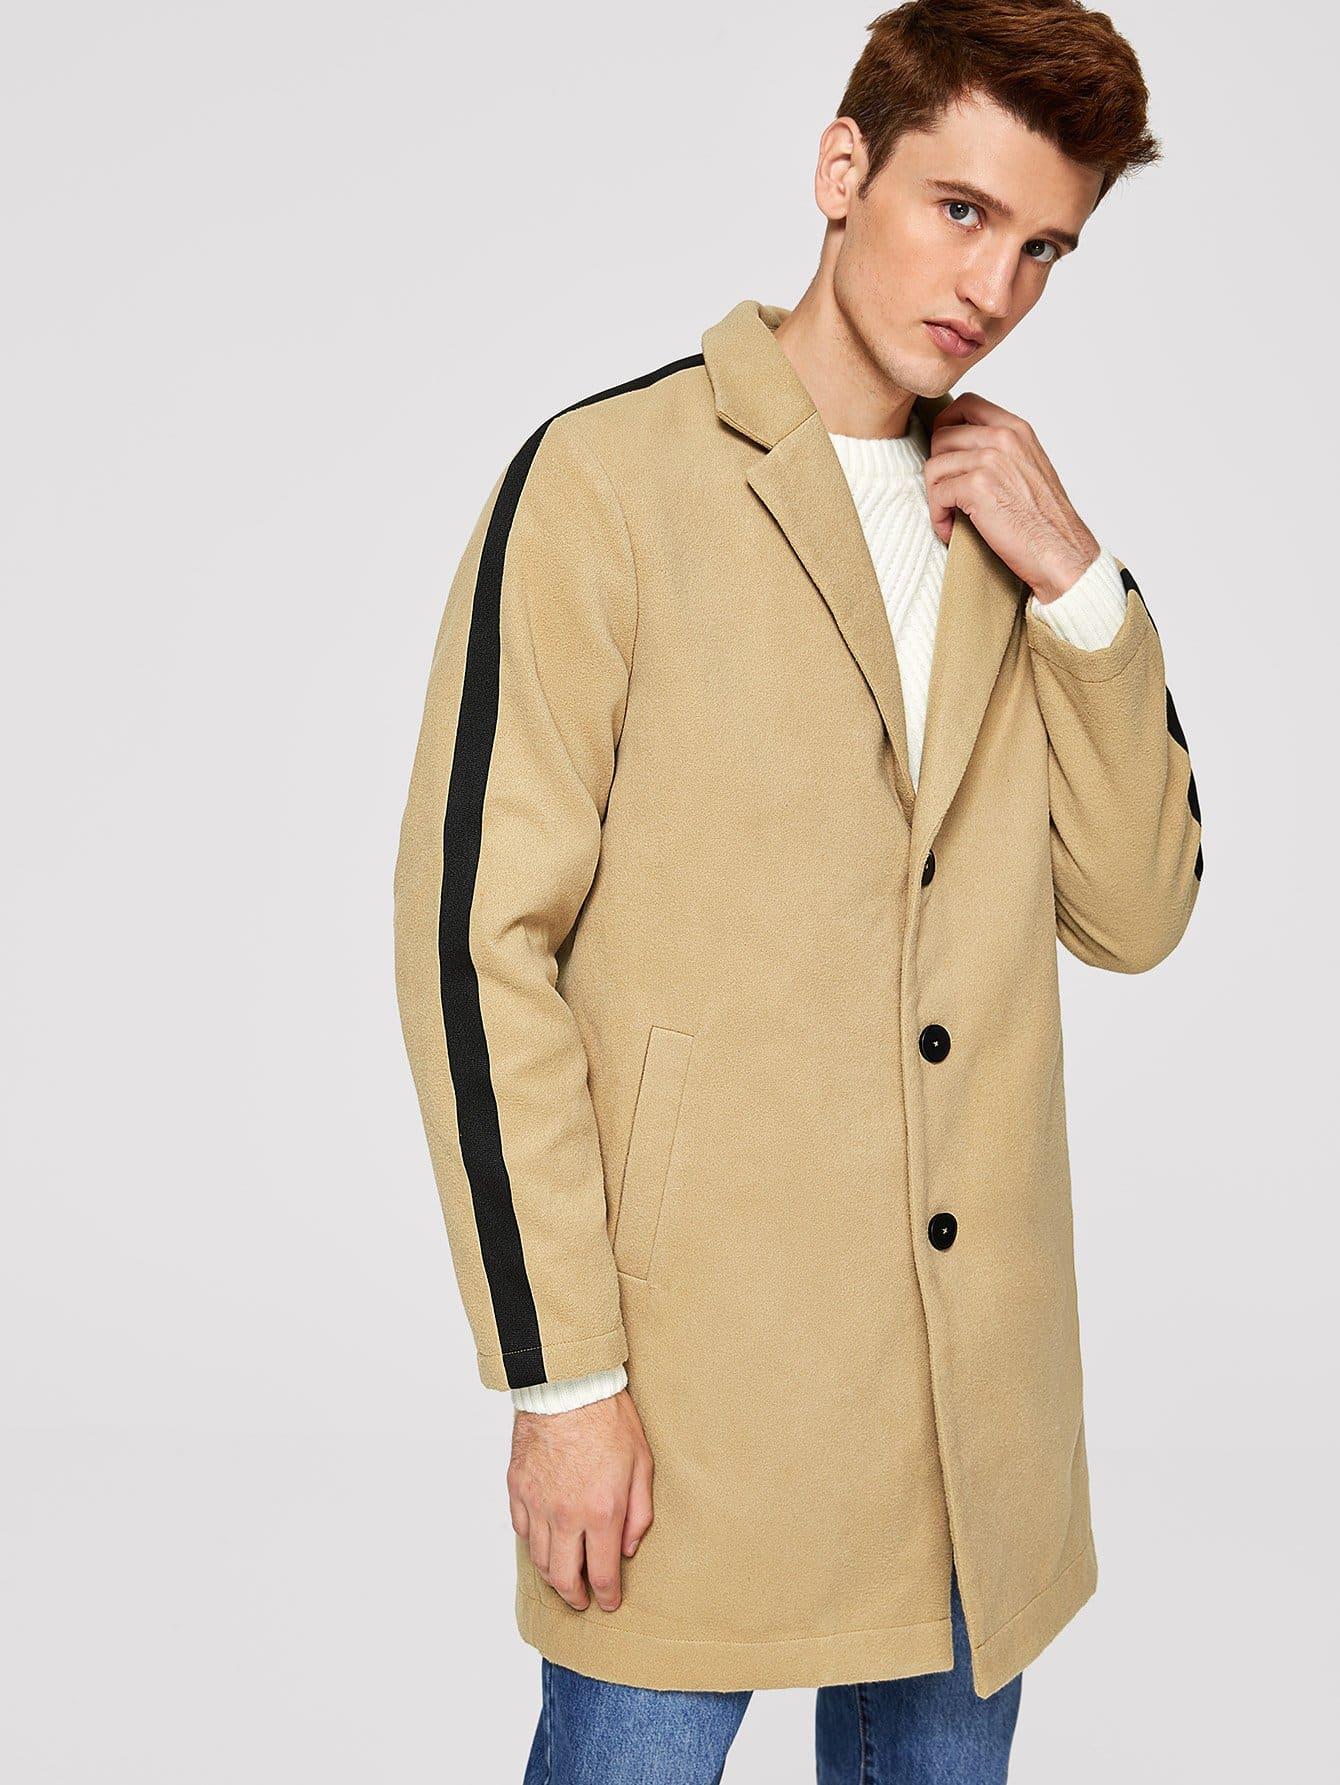 Купить Для мужчин пальто на пуговицах с карманом, Oleg, SheIn